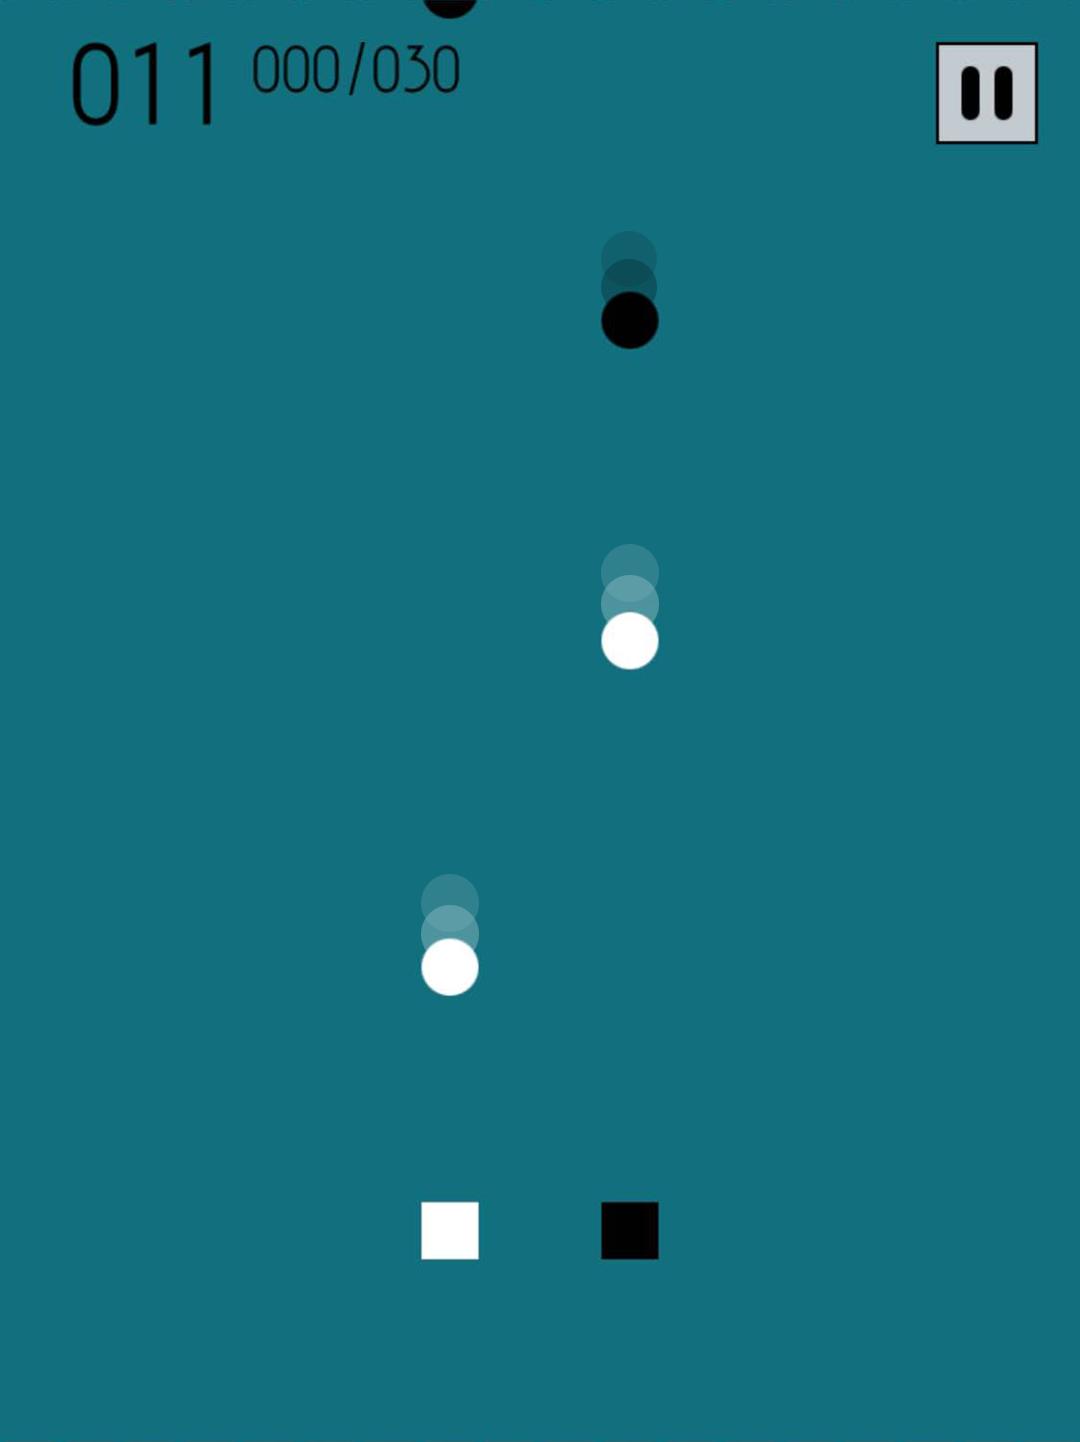 神経反射ゲーム『TWIN GATES』が配信開始! 反射神経が求められる ...